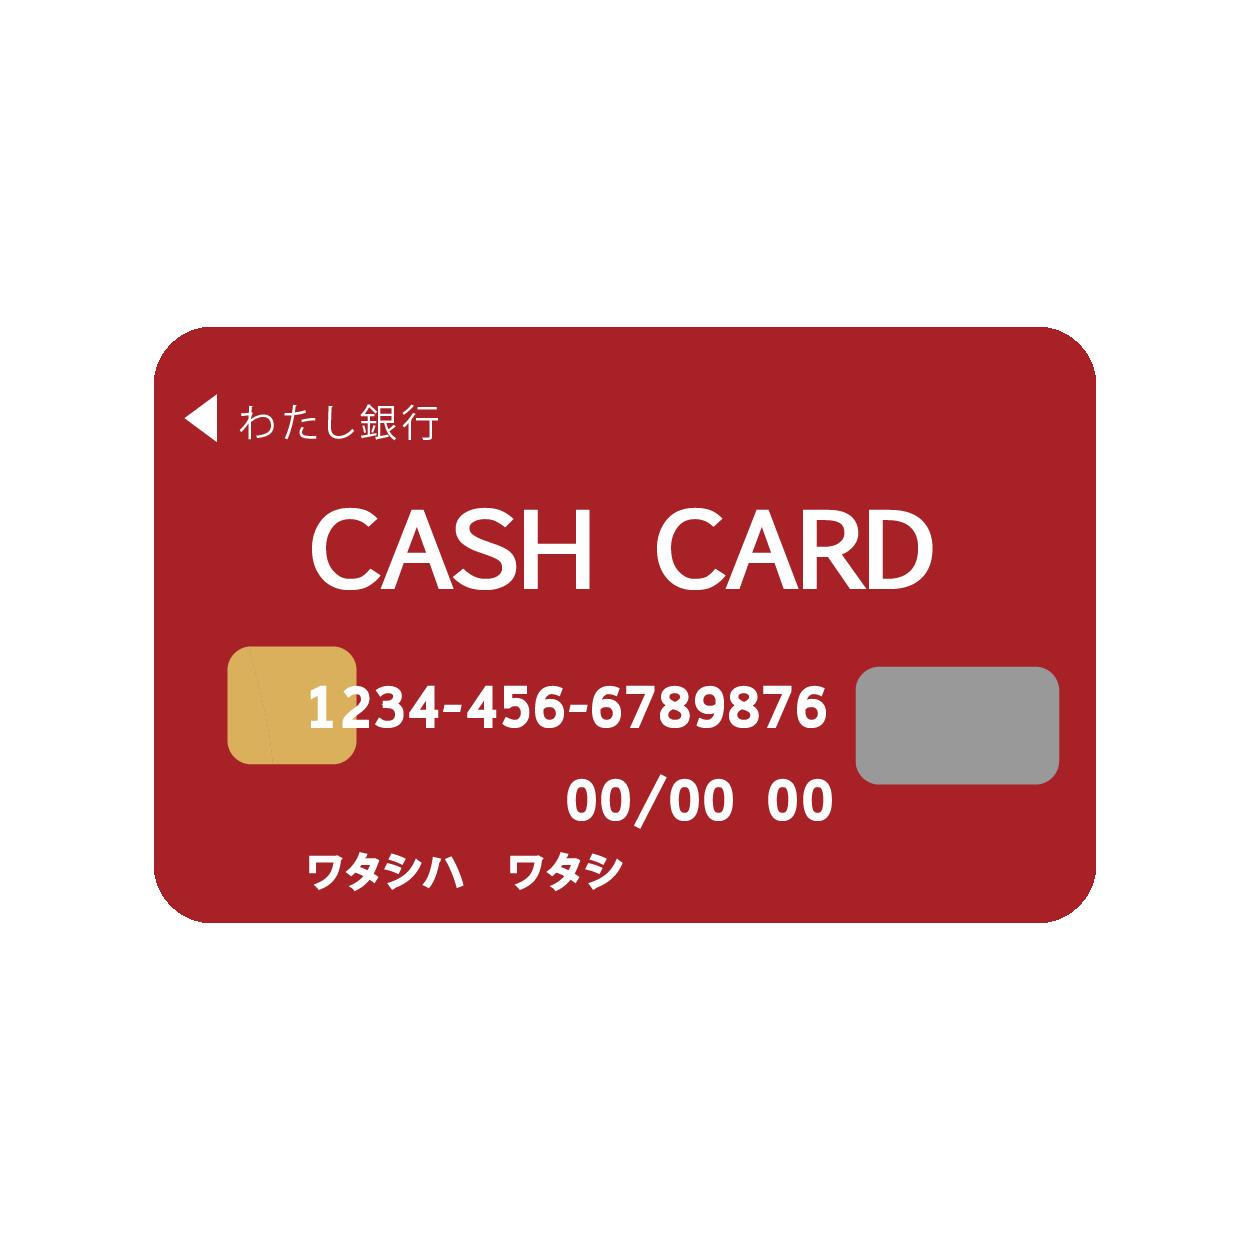 キャッシュカード銀行のカードのイラスト 商用フリー無料の